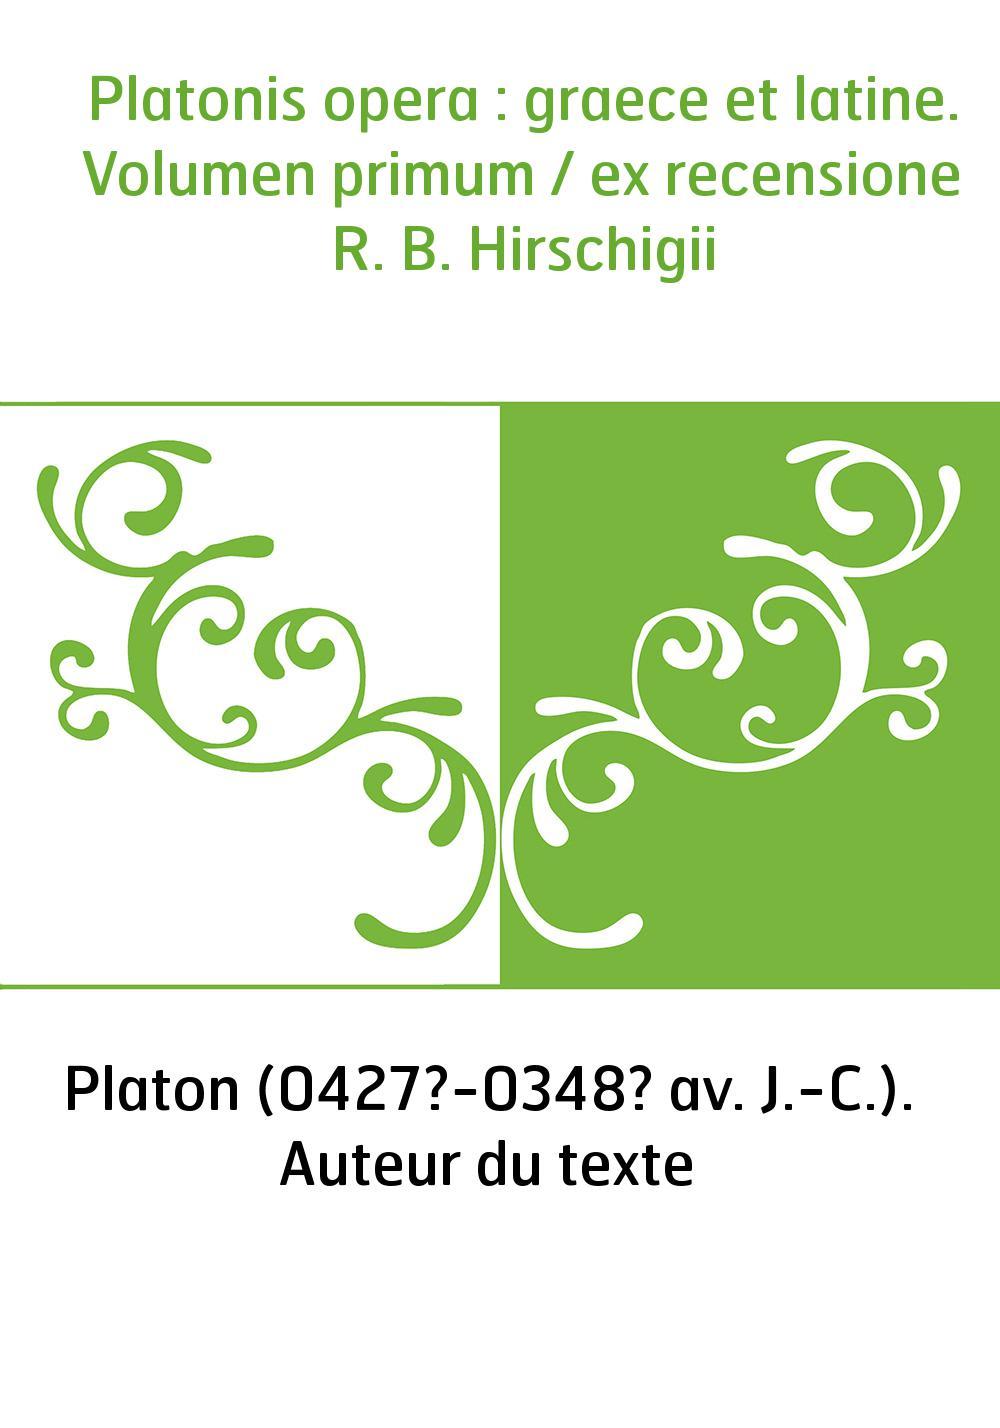 Platonis opera : graece et latine. Volumen primum / ex recensione R. B. Hirschigii